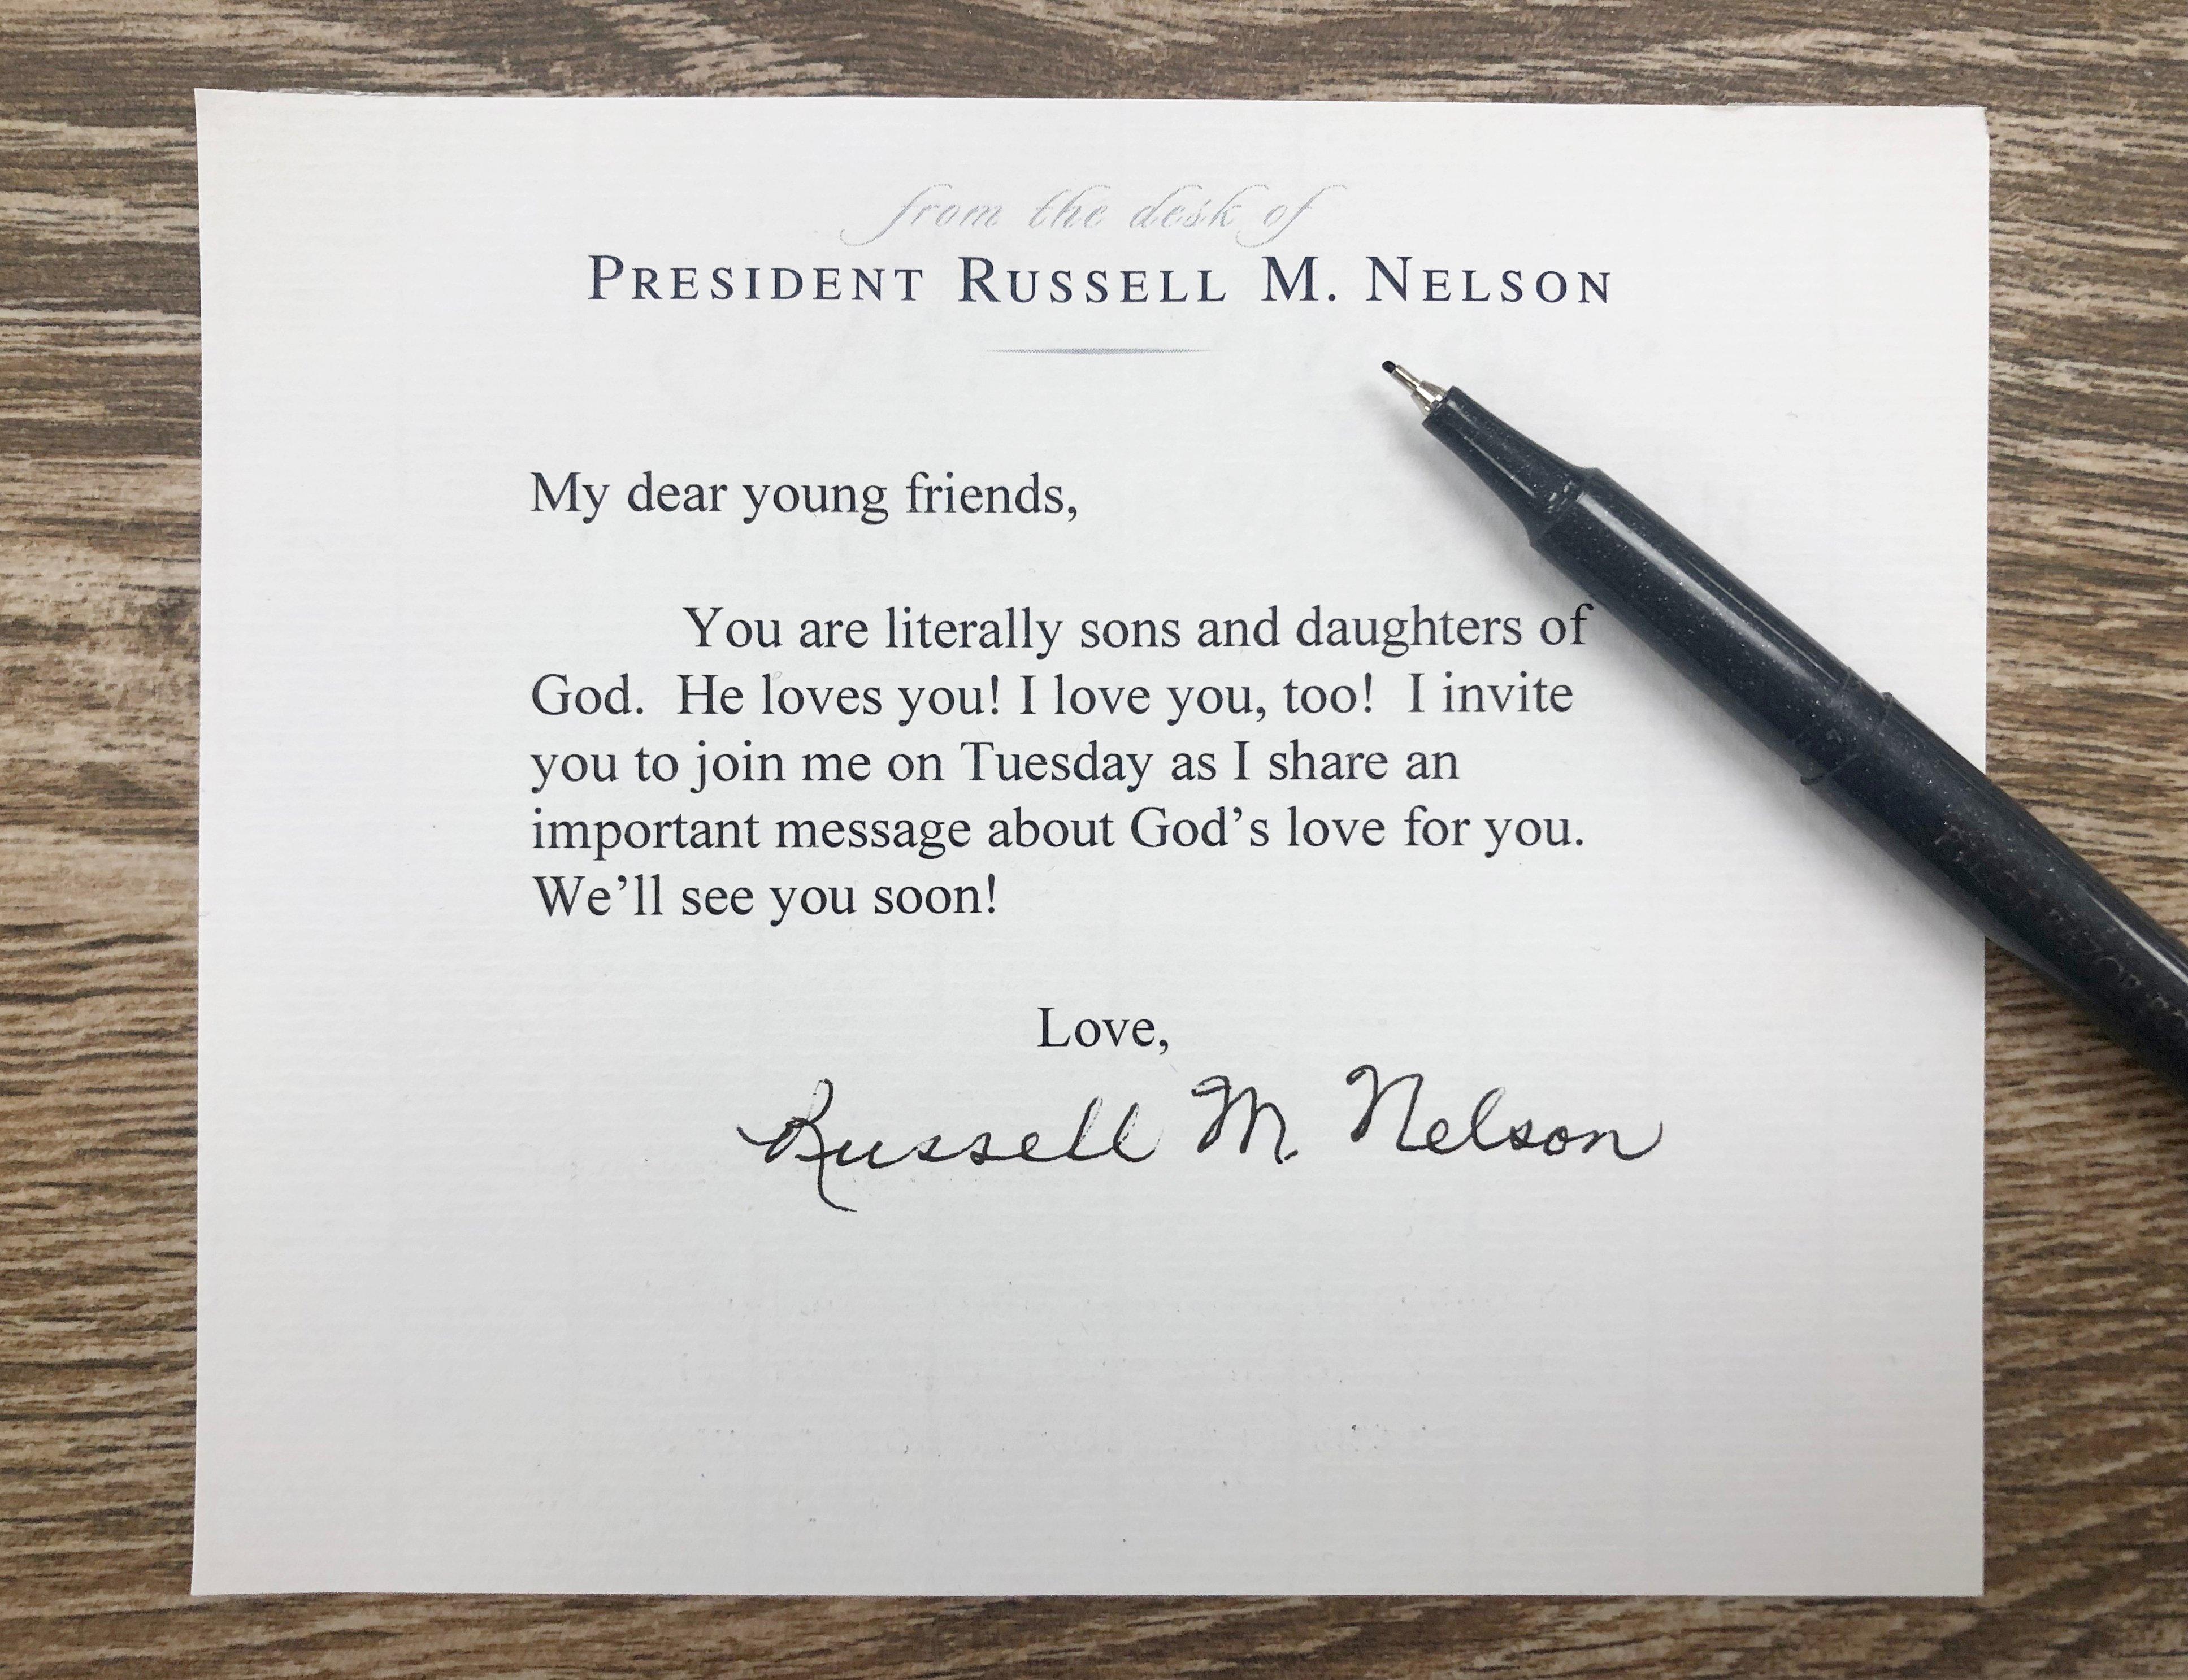 O presidente Russell M. Nelson convida os jovens adultos a ouvirem sua mensagem sobre o amor de Deus por eles em um devocional da BYU, na terça-feira, 17 de setembro de 2019.